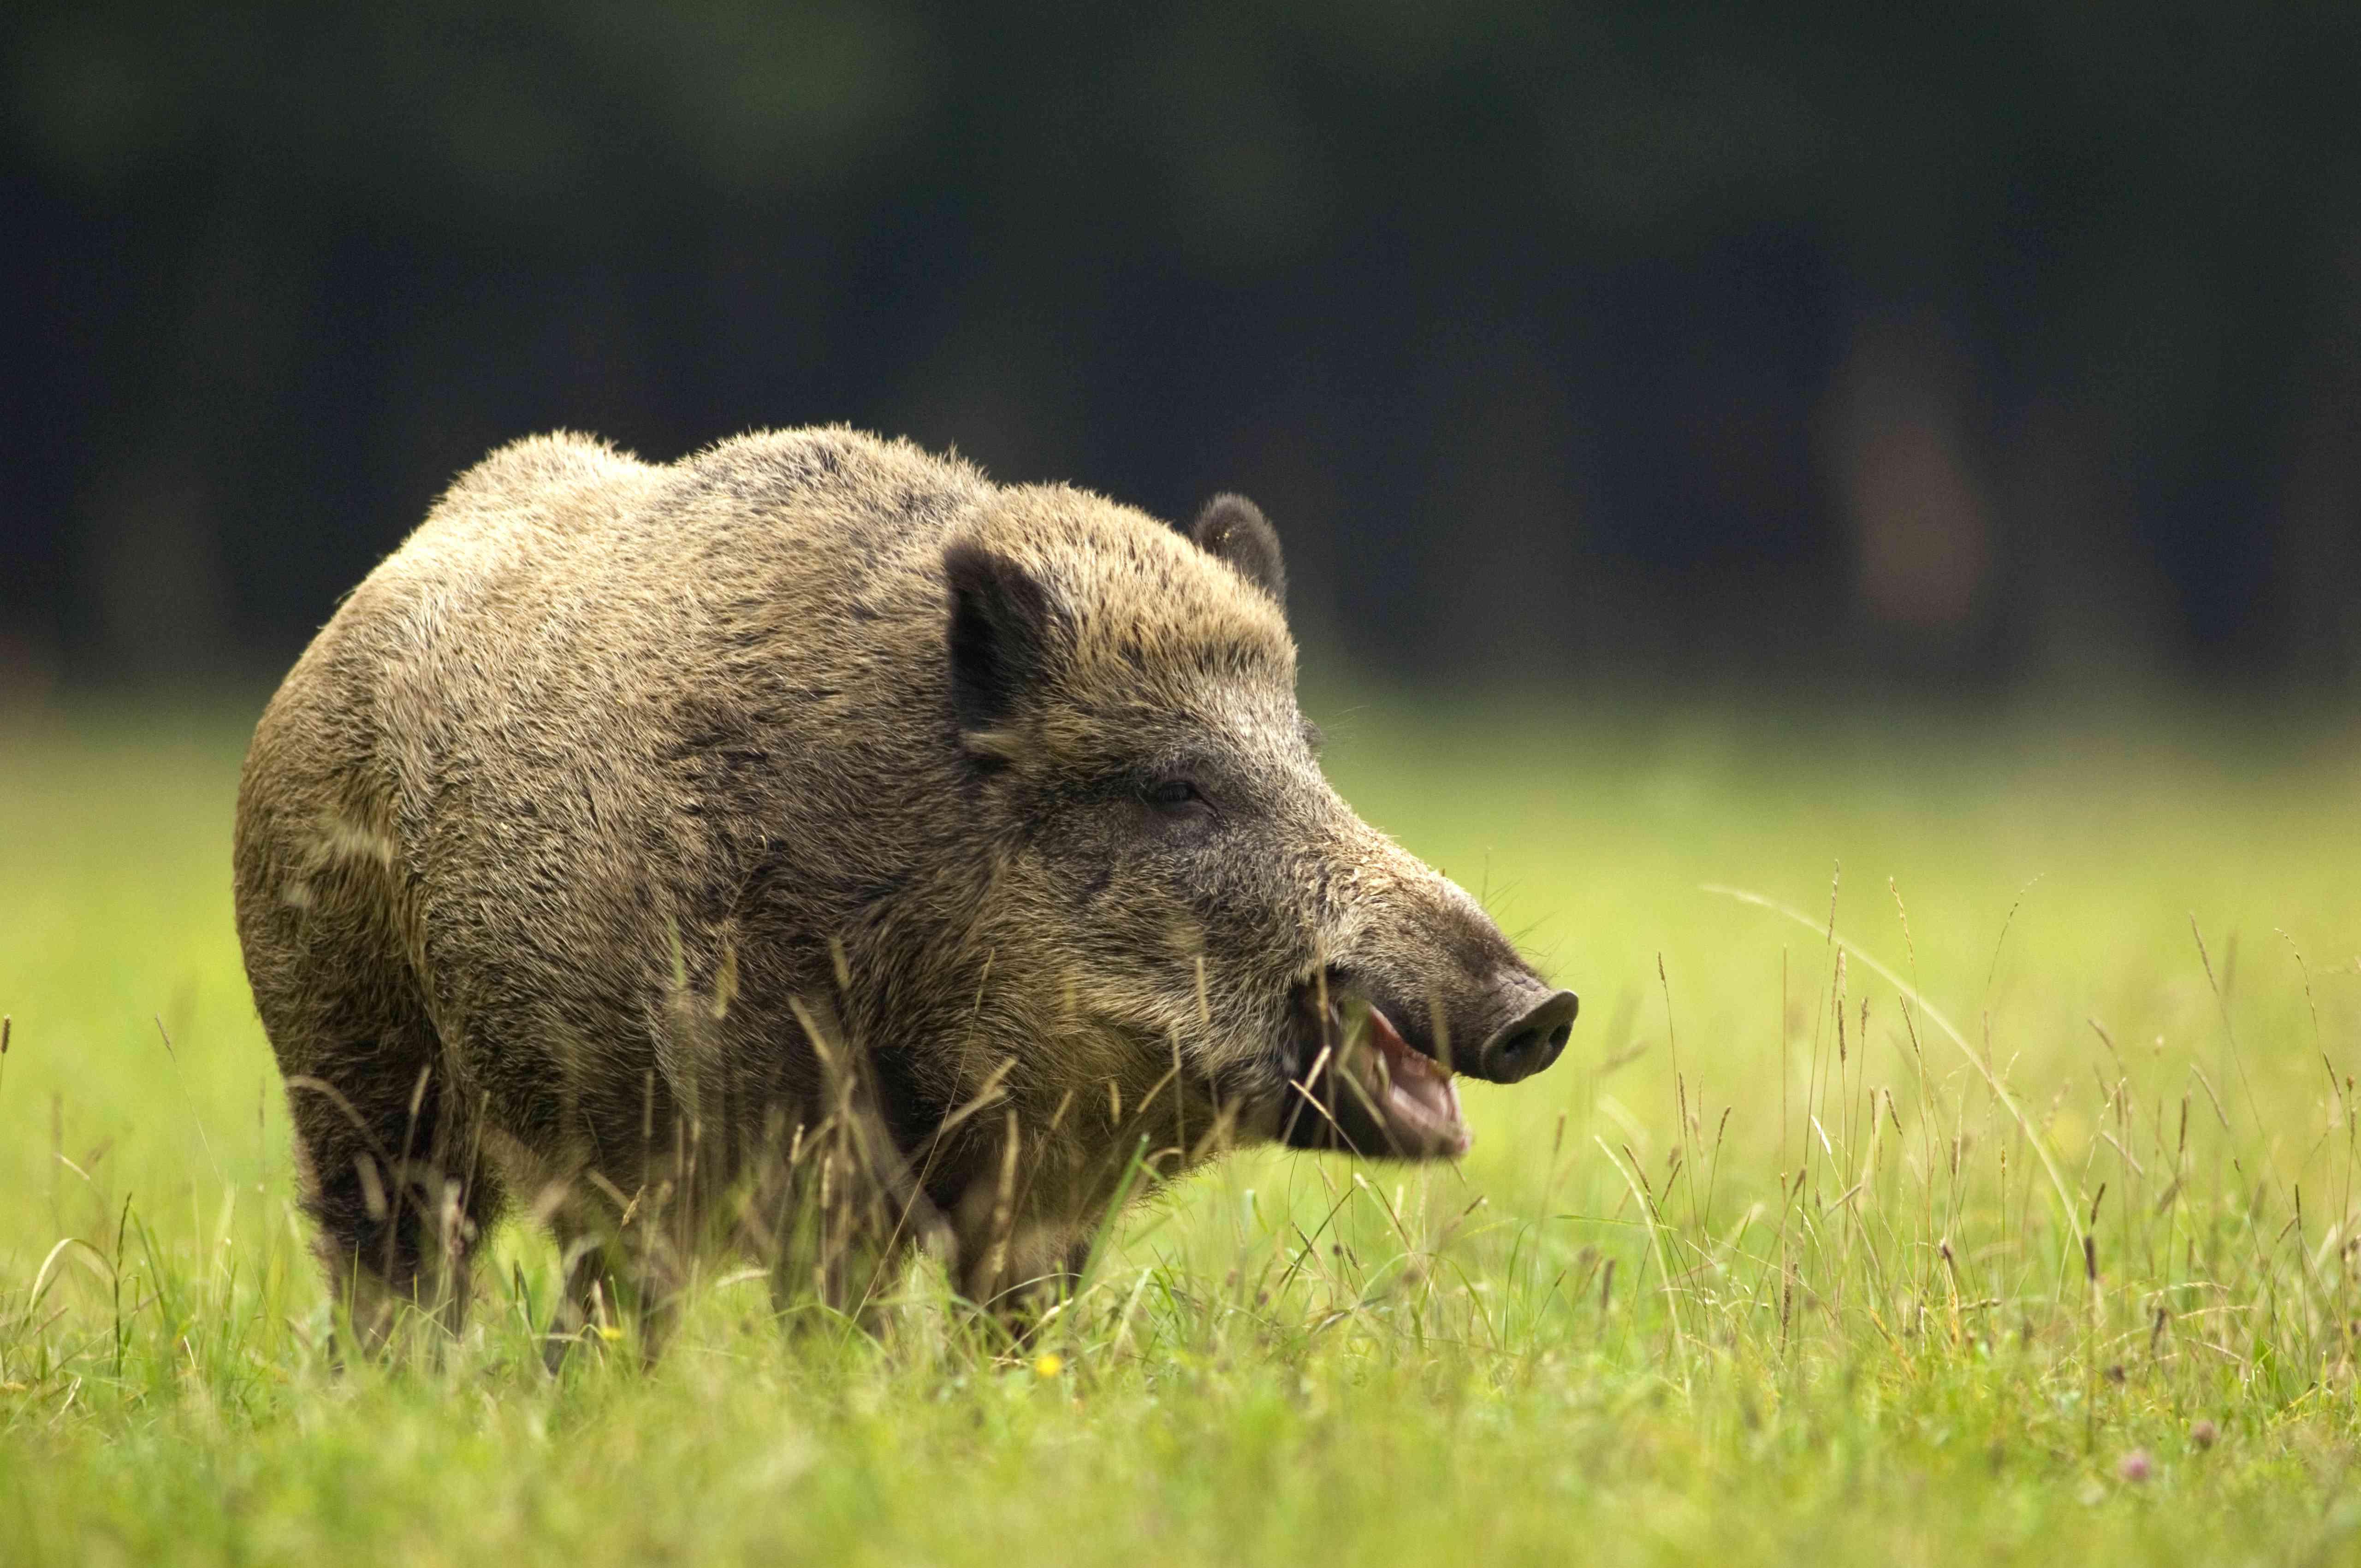 Wild boar (Sus scorfa) in grass